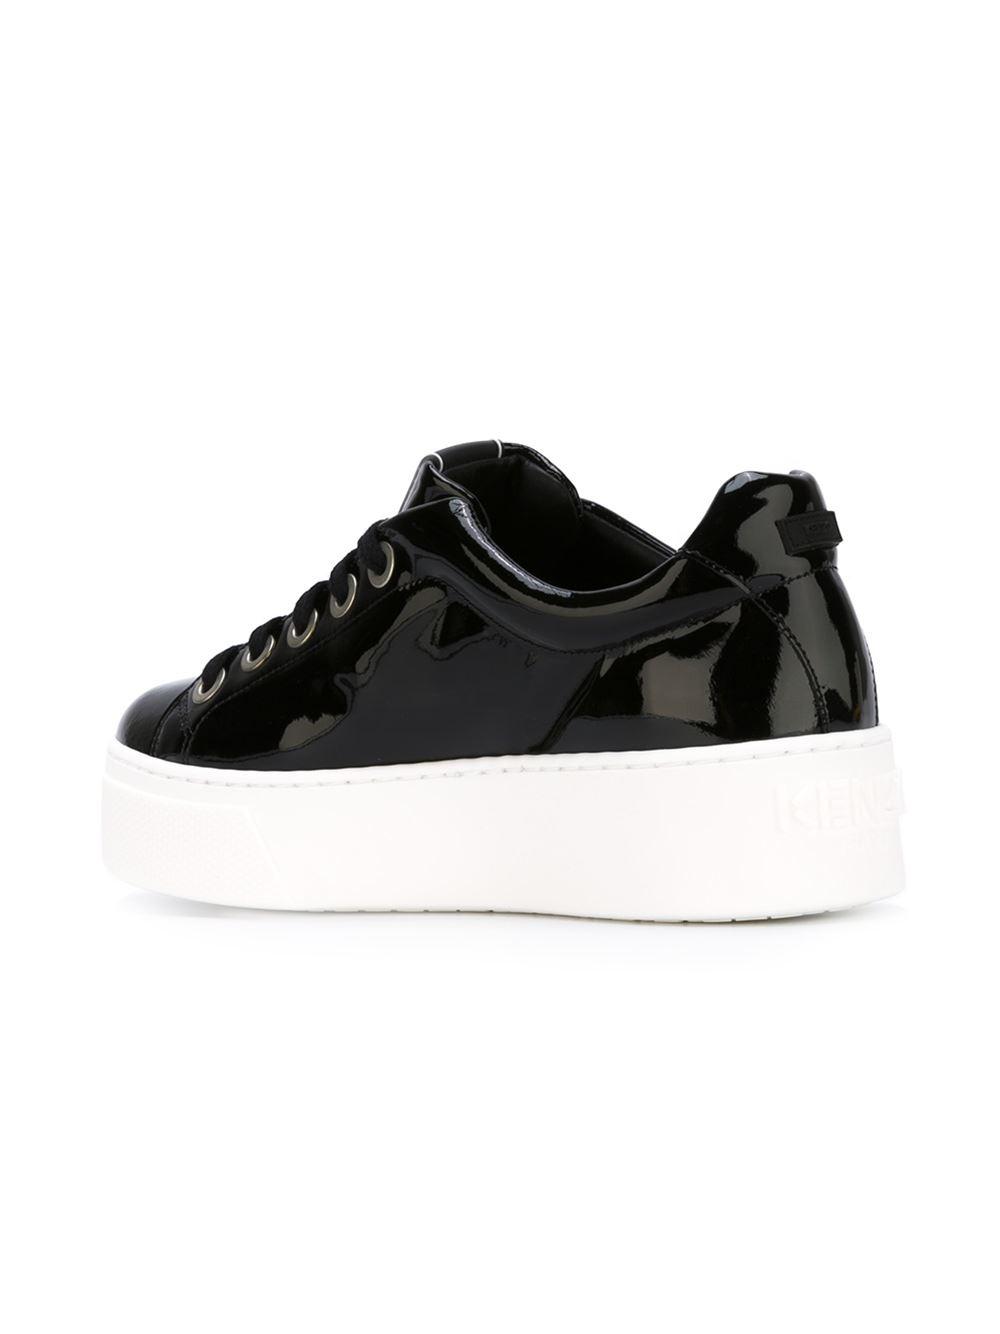 KENZO Leather Platform Sneakers in Black